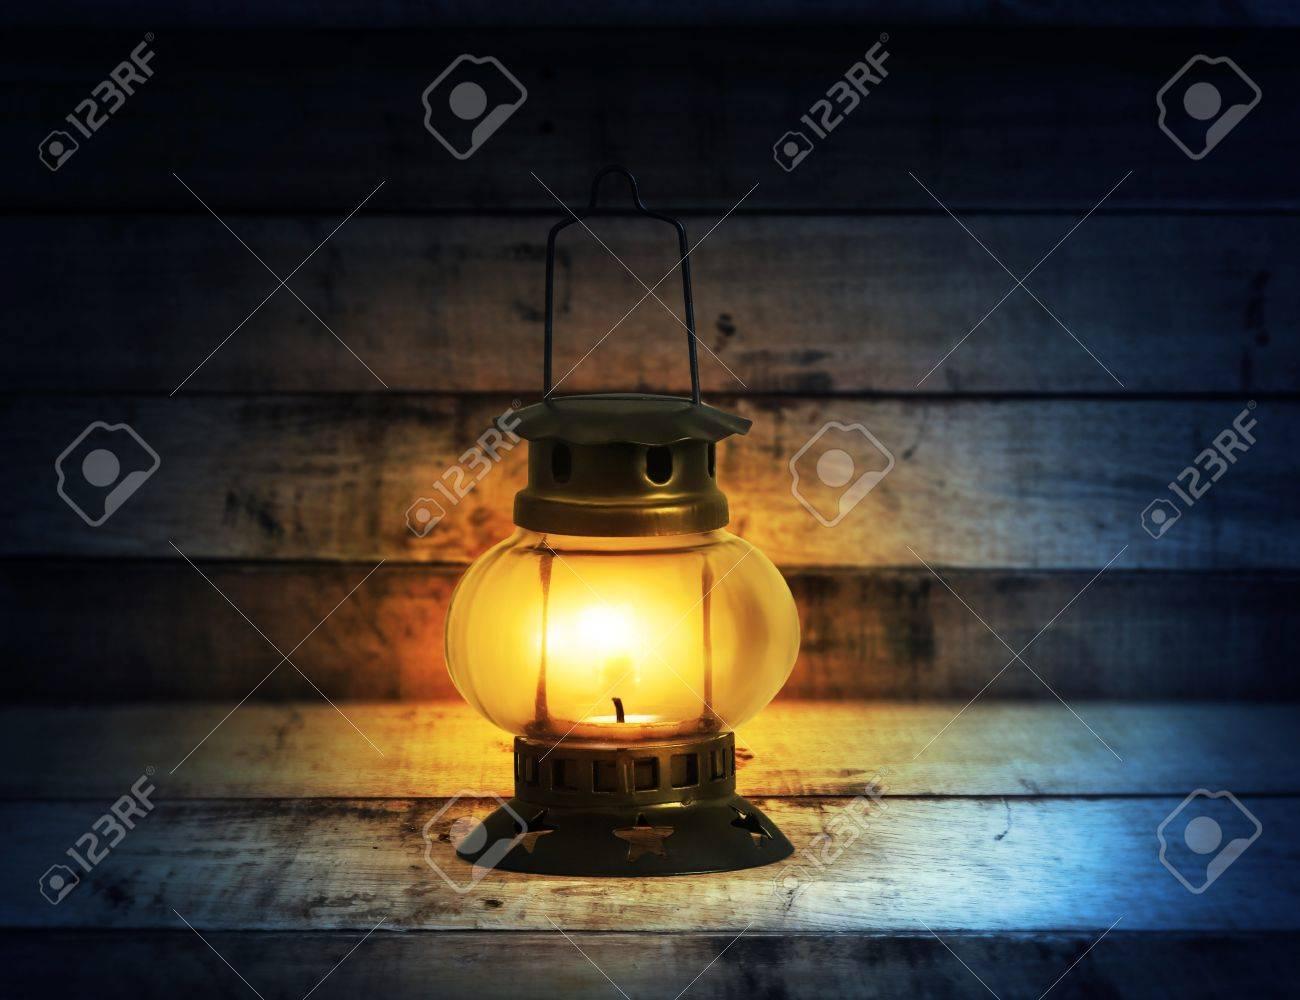 Entre À Le Avec Bois Lumineuse Ancienne Flamme Pétrole Lampe Brûlant rdCxBeWo